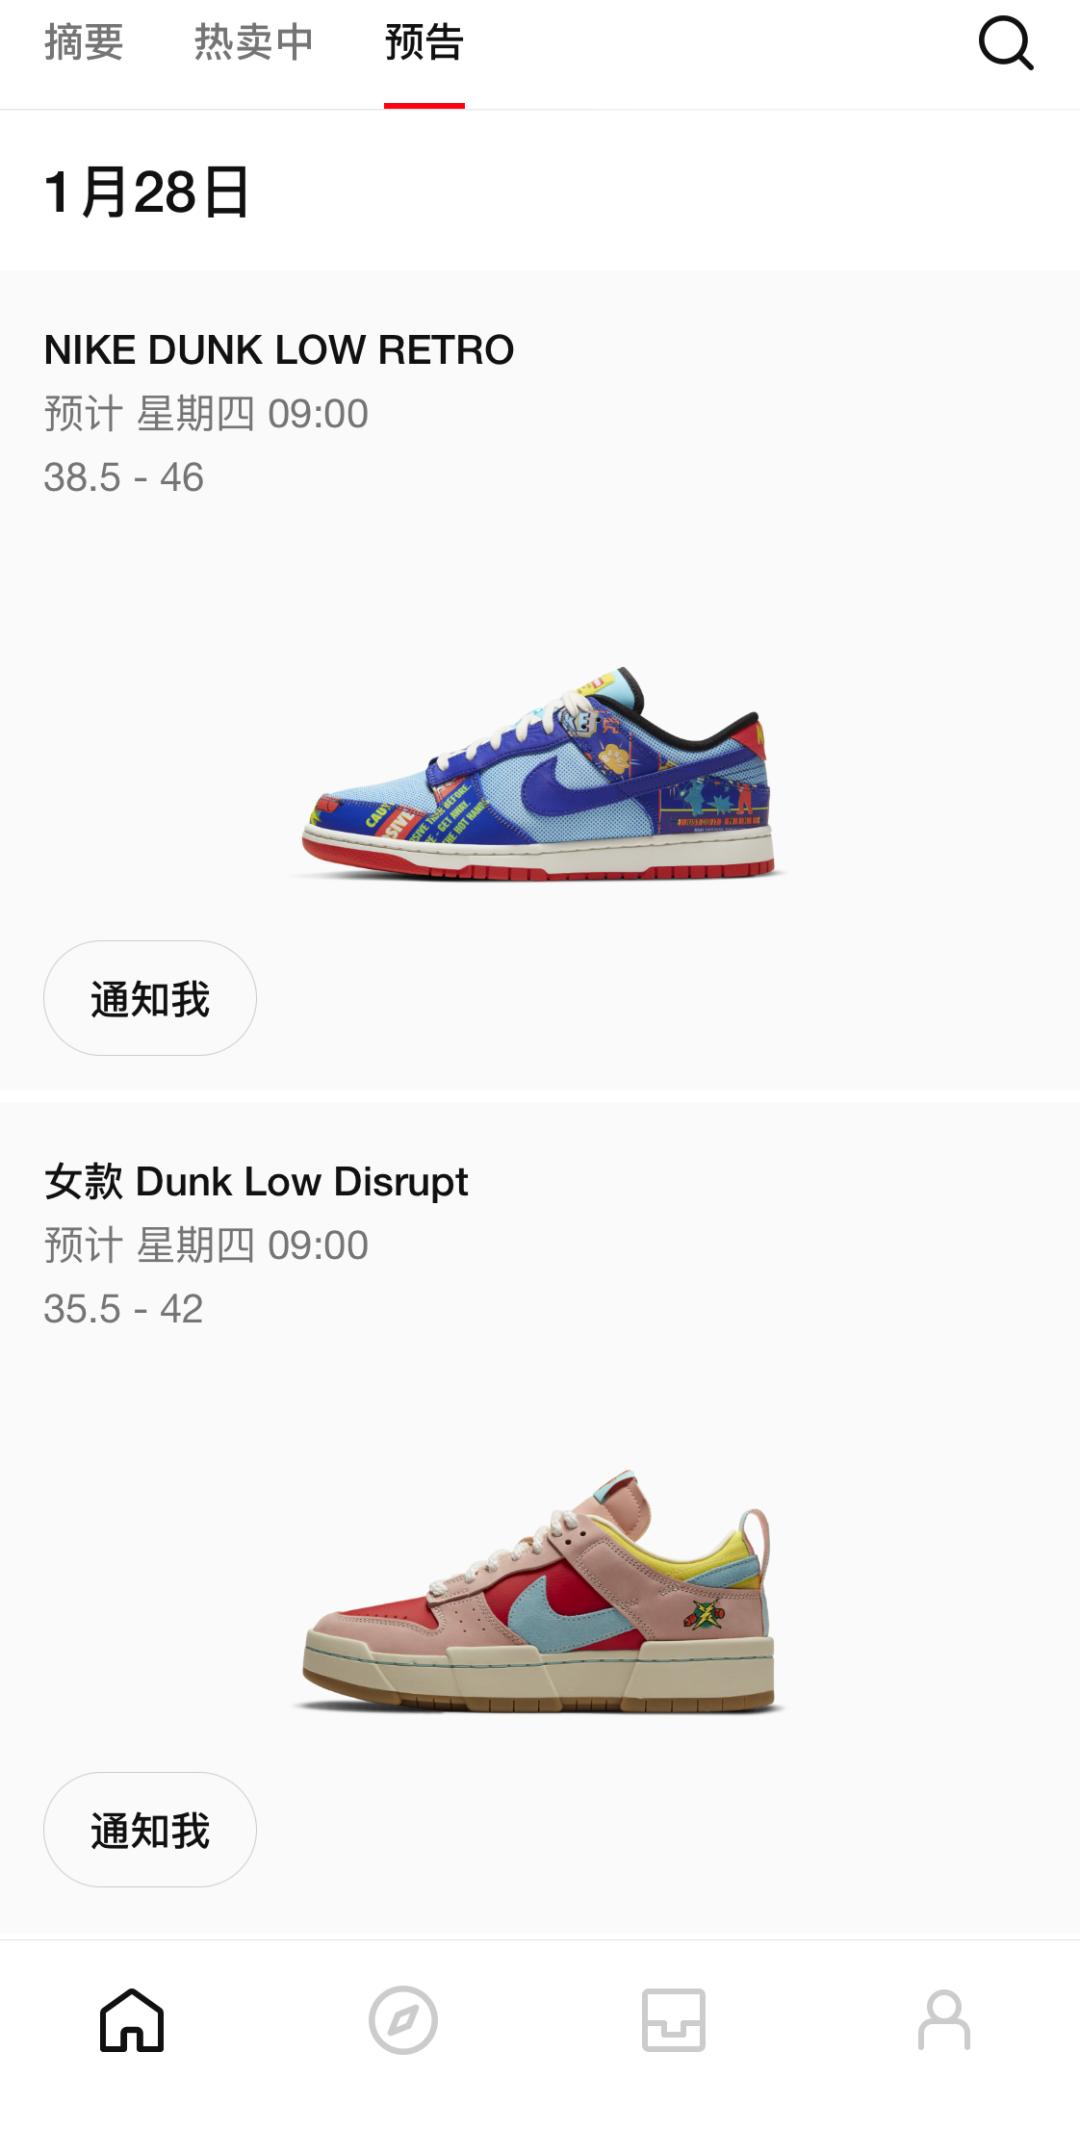 Snkrs突袭!耐克Dunk炮鞋/禁止转卖让白冰冰/刘好赞哭了!